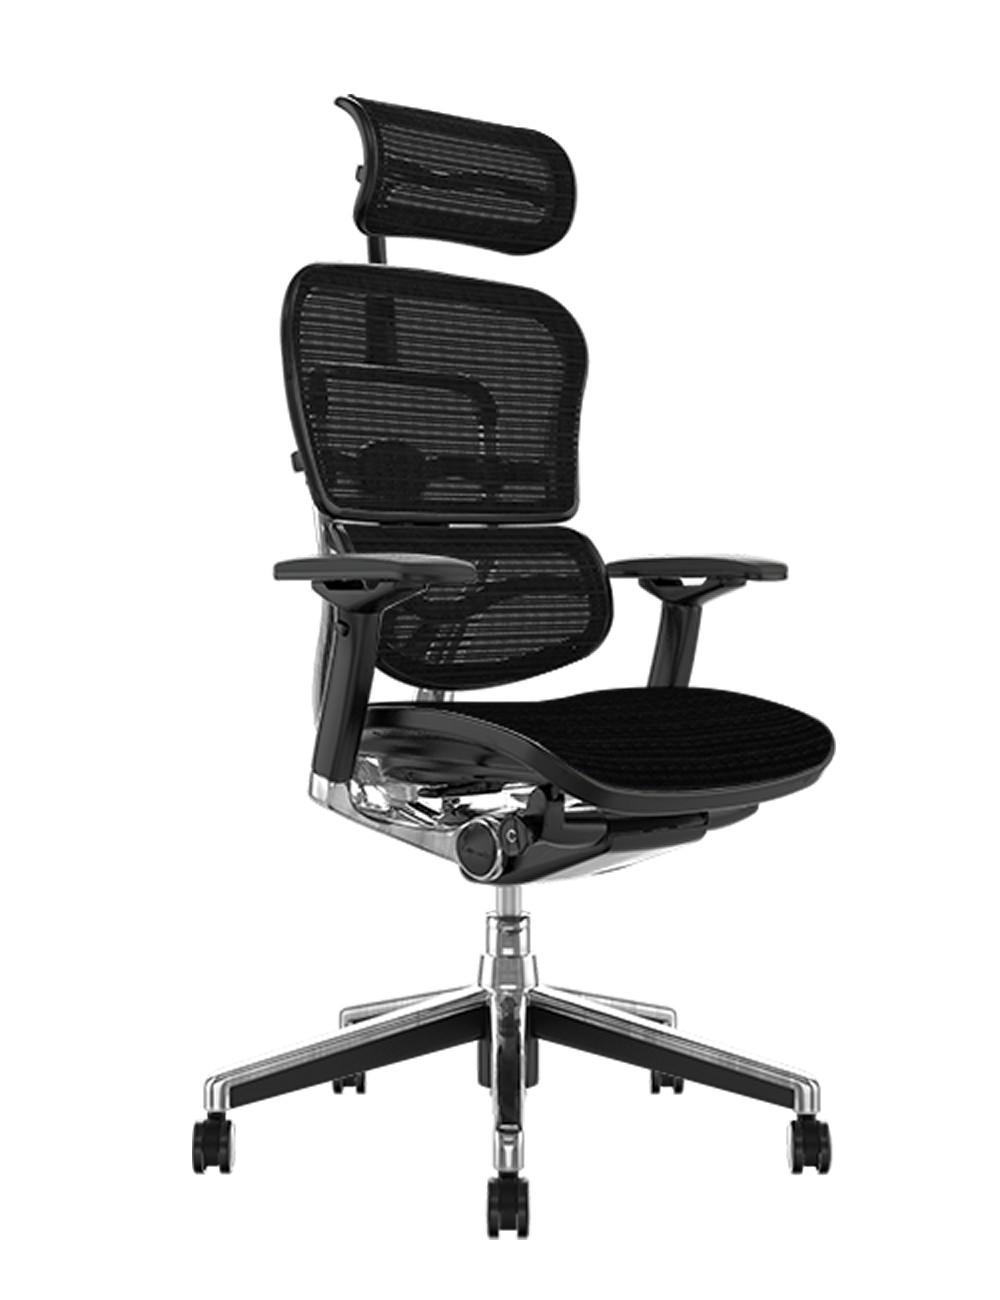 Ergohuman Elite Full Mesh Office Chair with Headrest